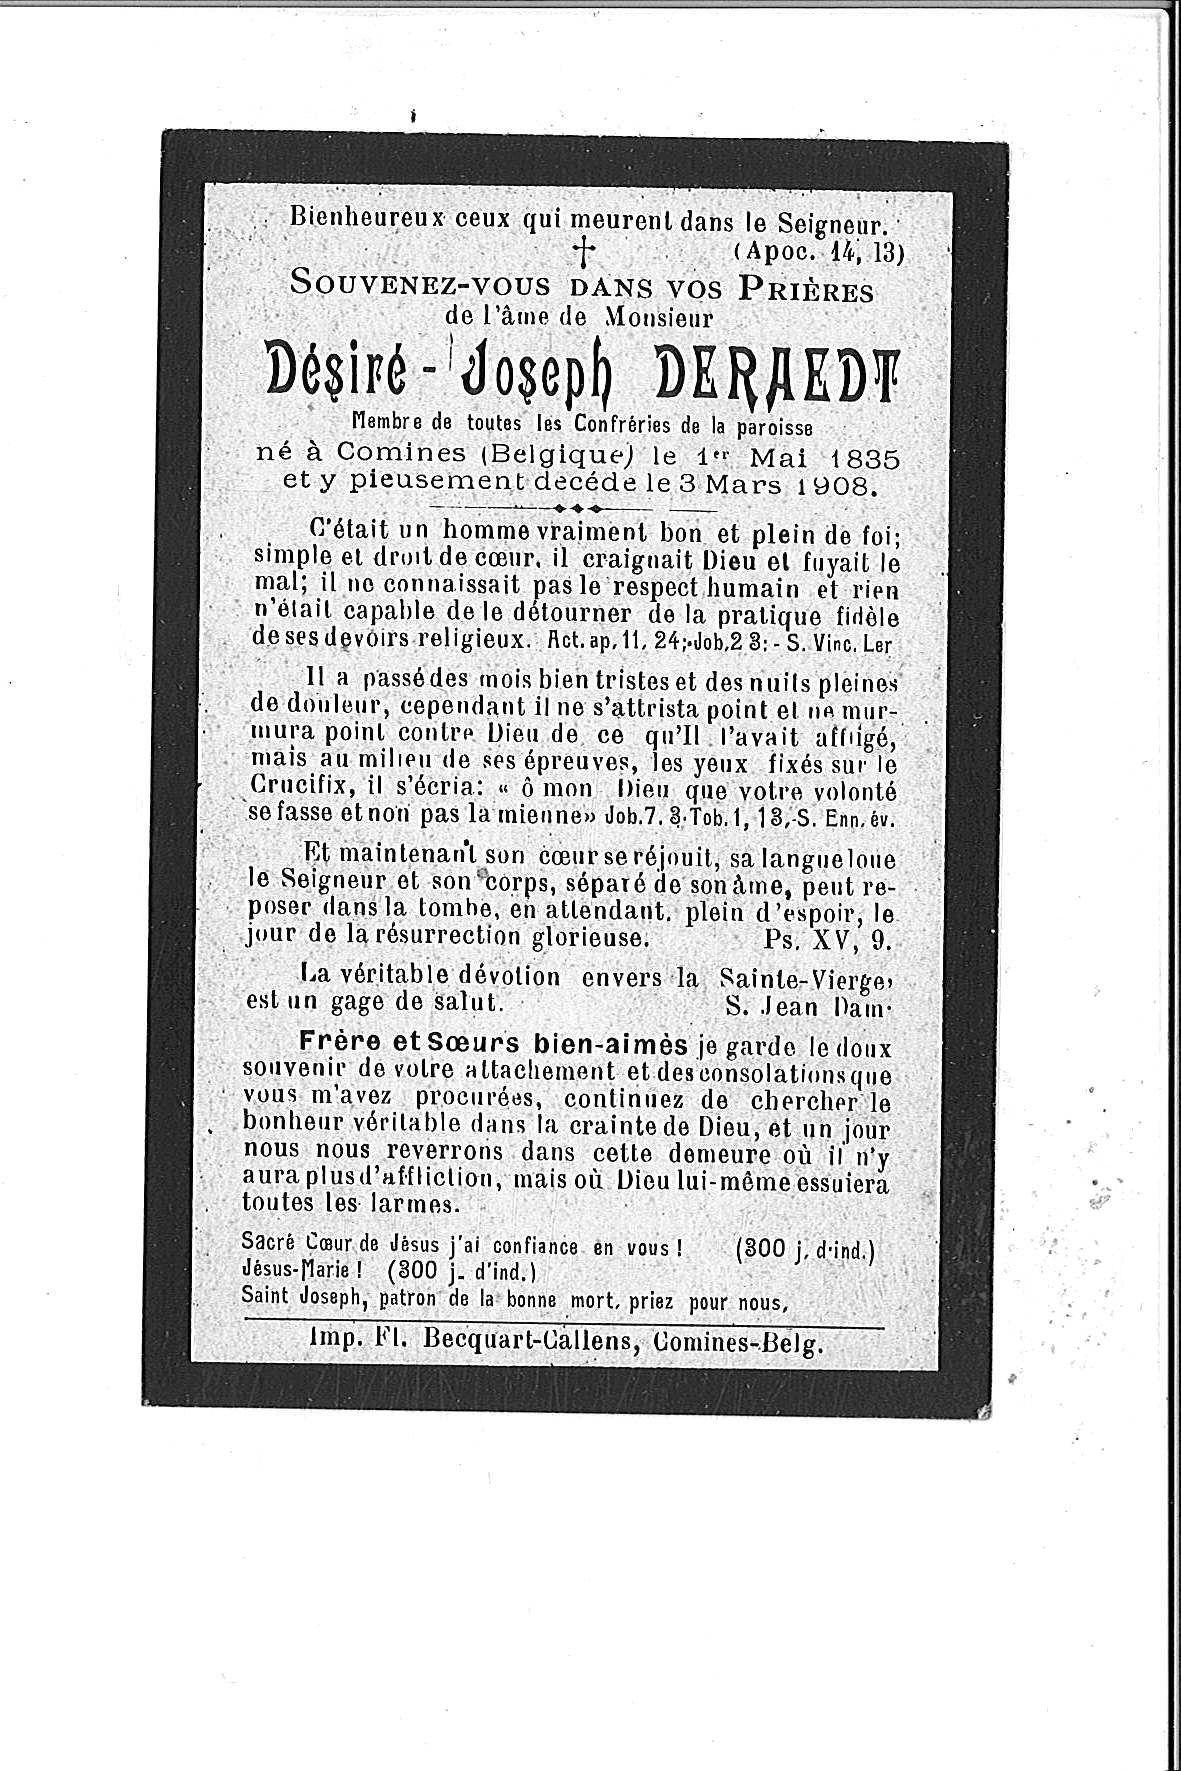 Desire-Joseph(1908)20150417101711_00008.jpg